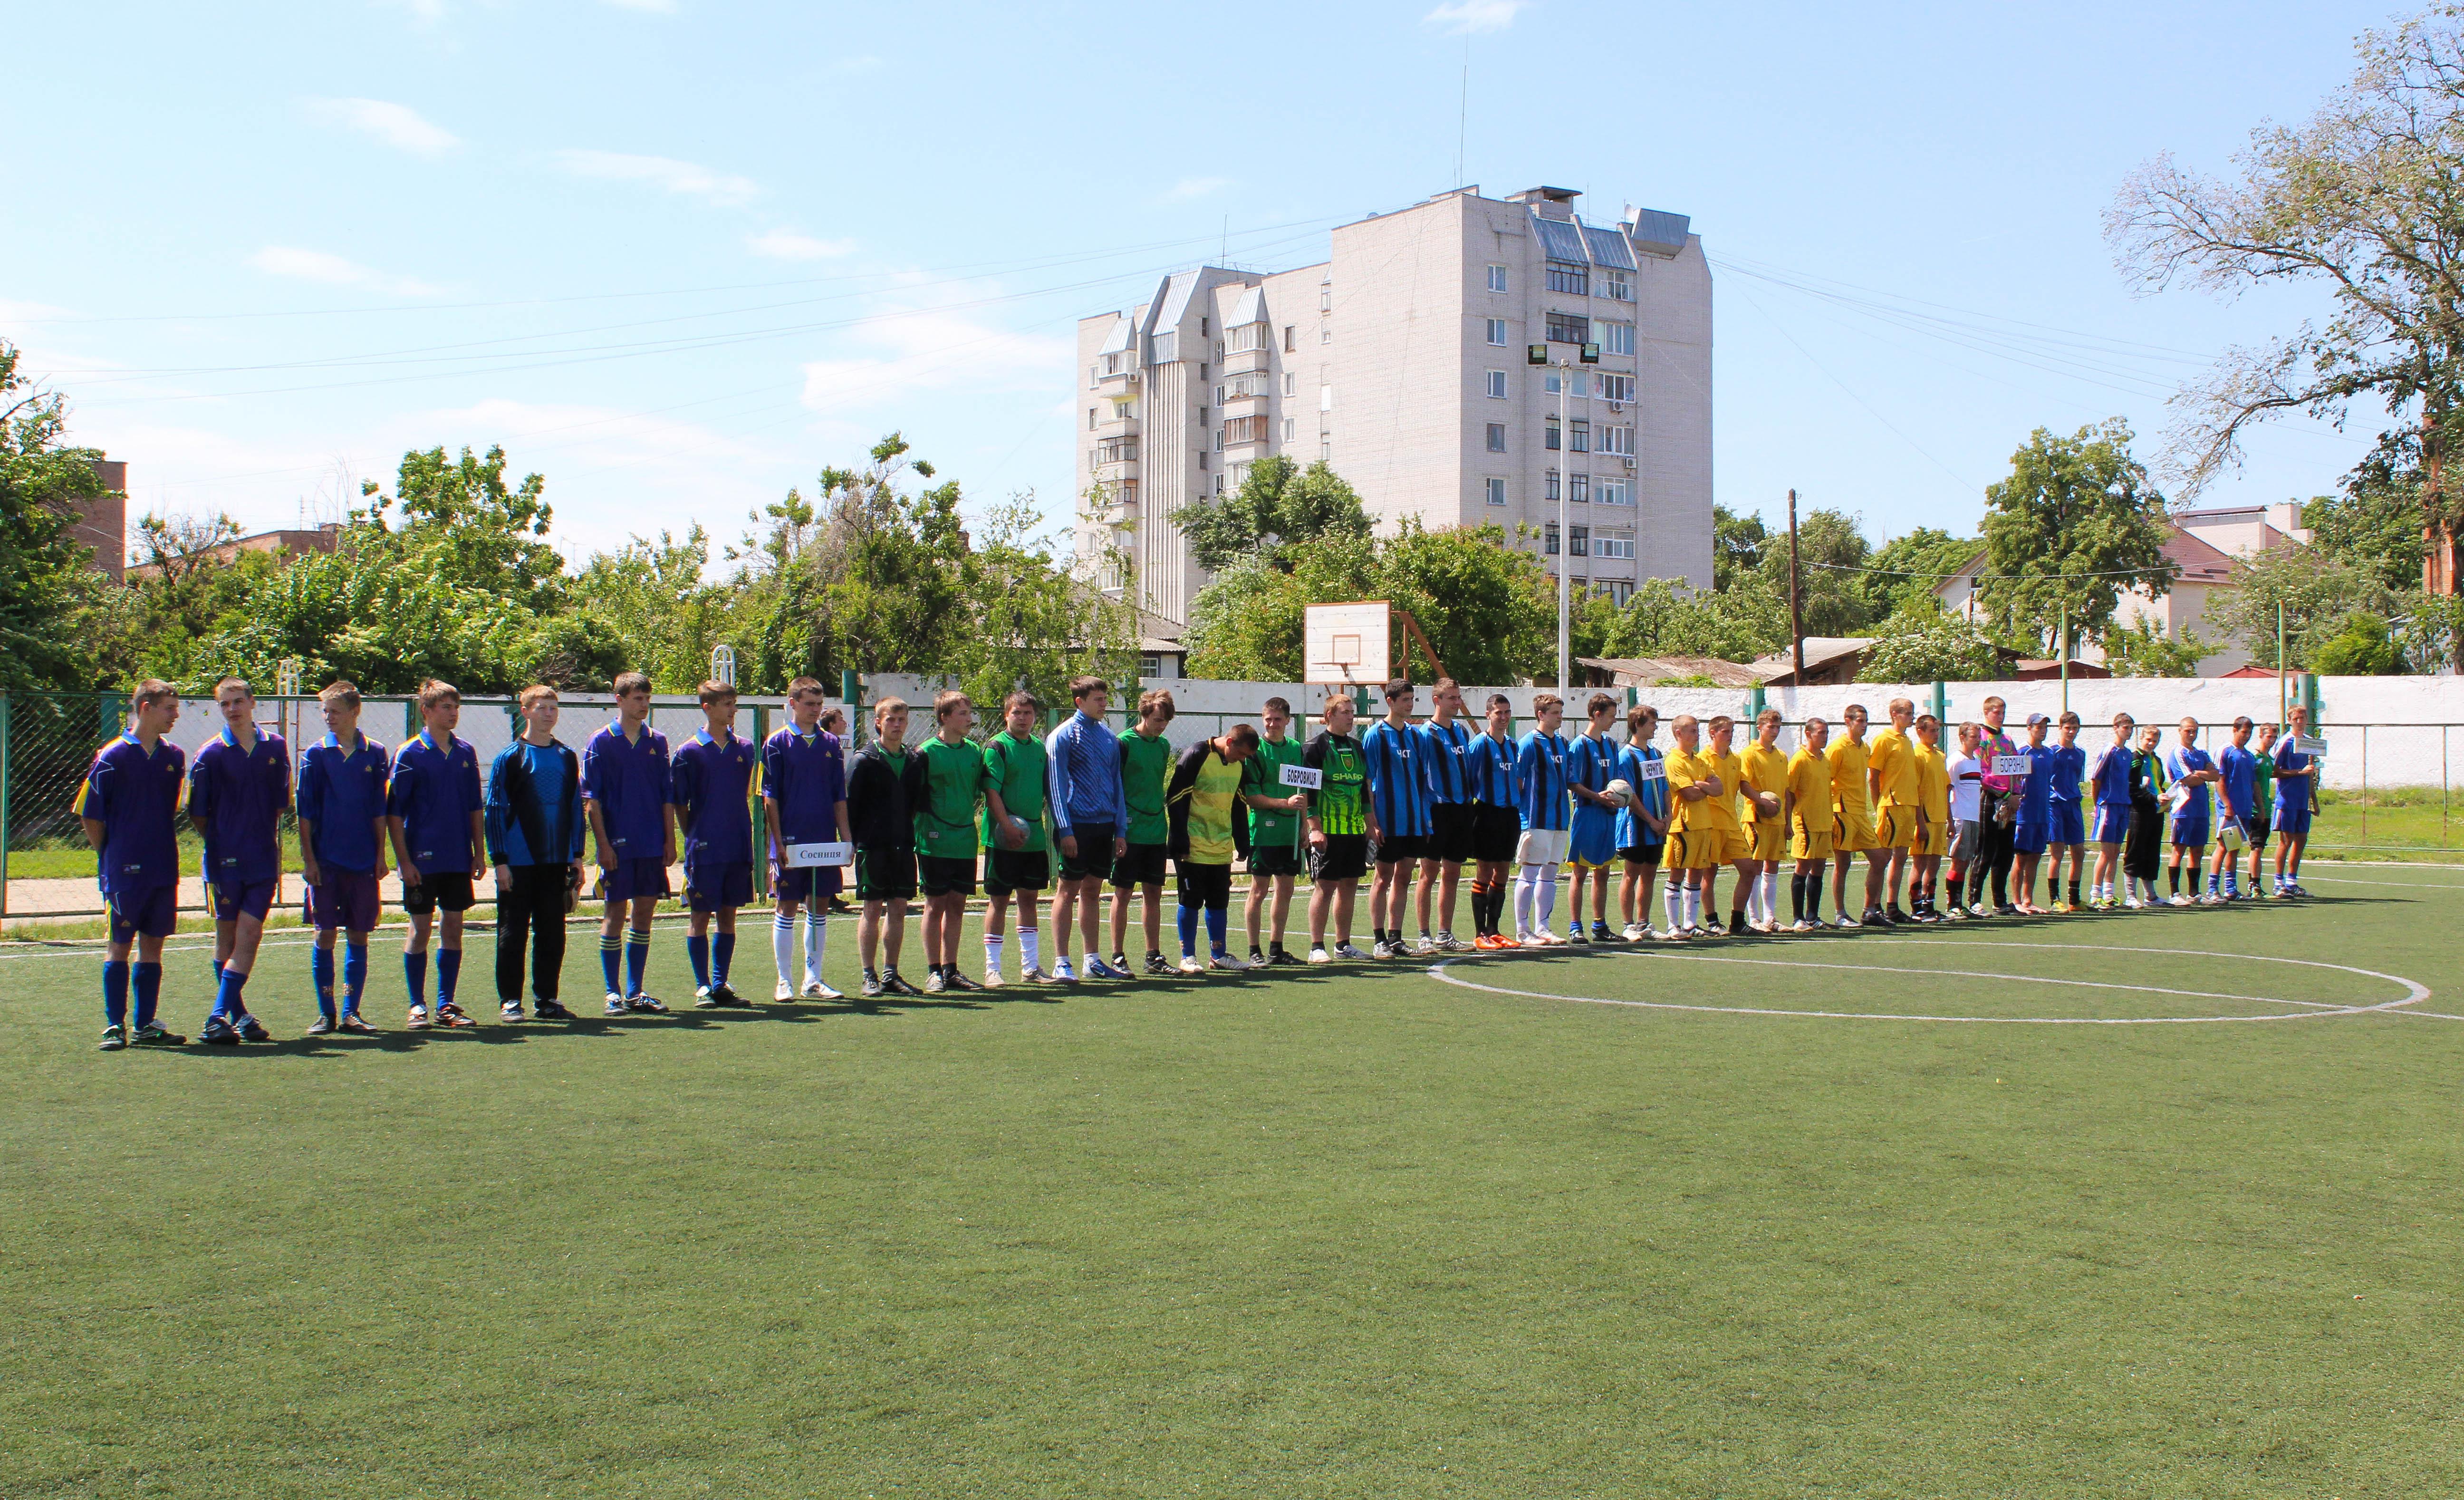 http://agrokoledg.at.ua/20120525-IMG_4551.jpg